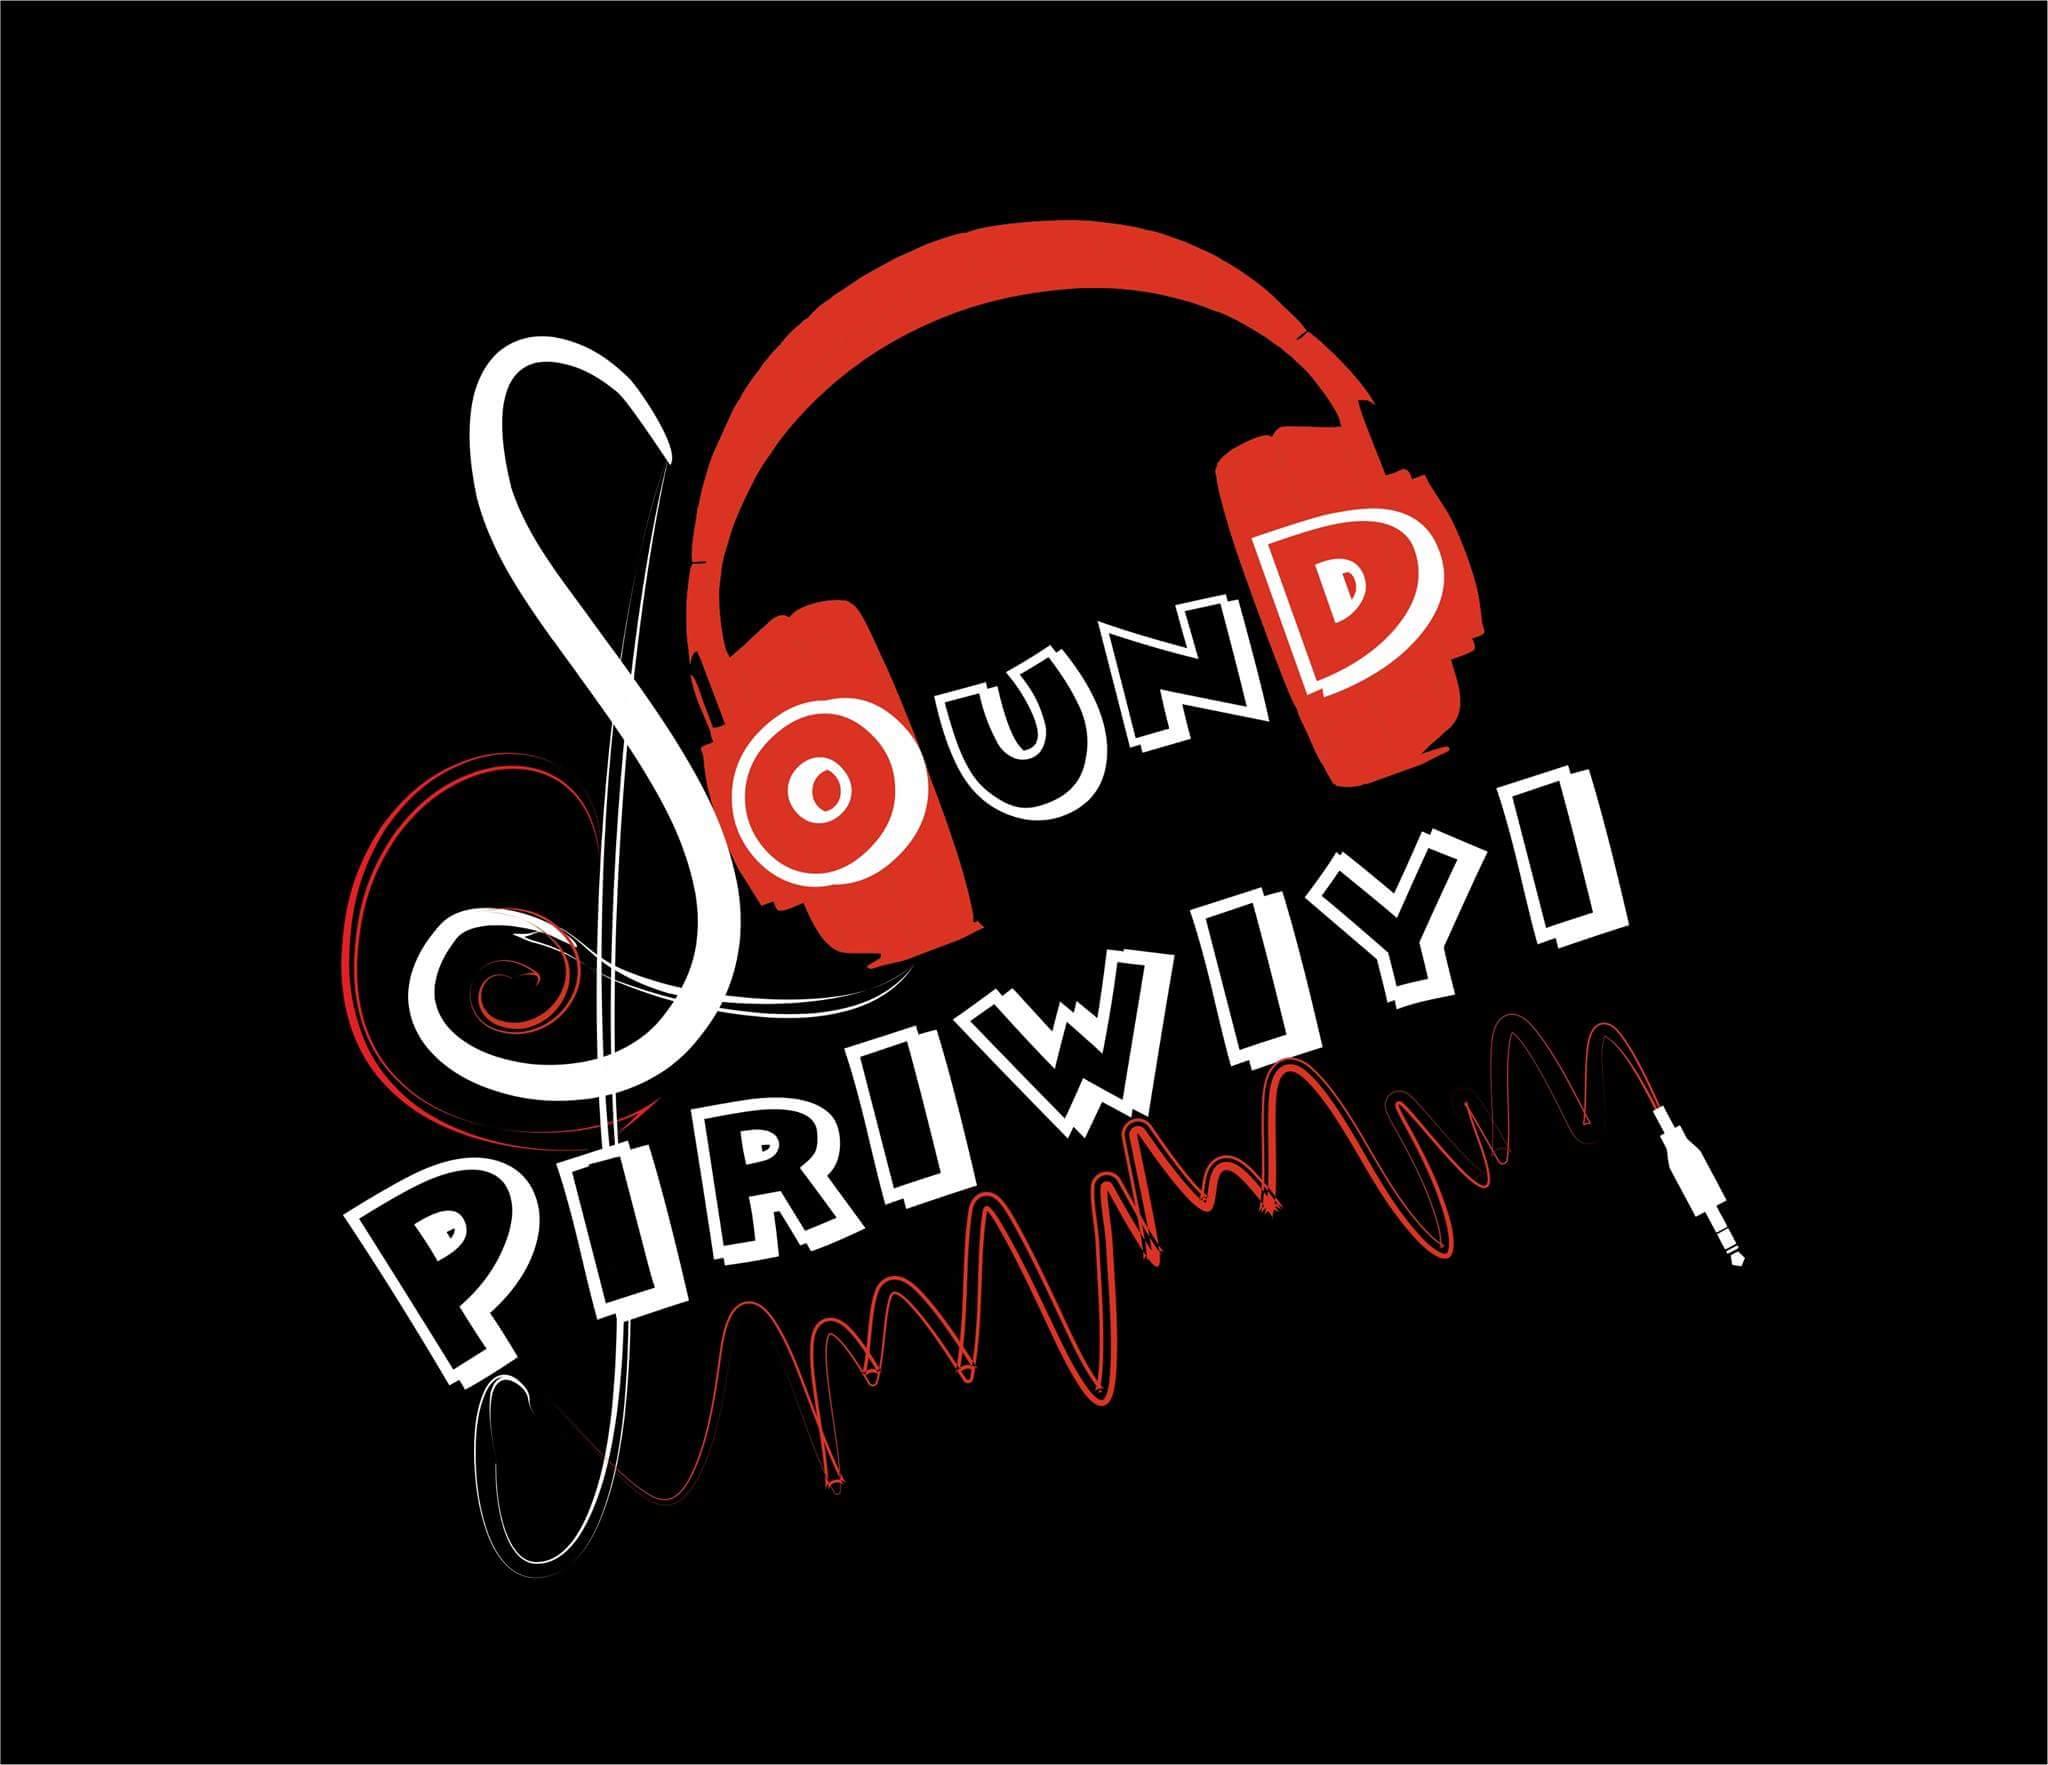 Piriwiyi Sound